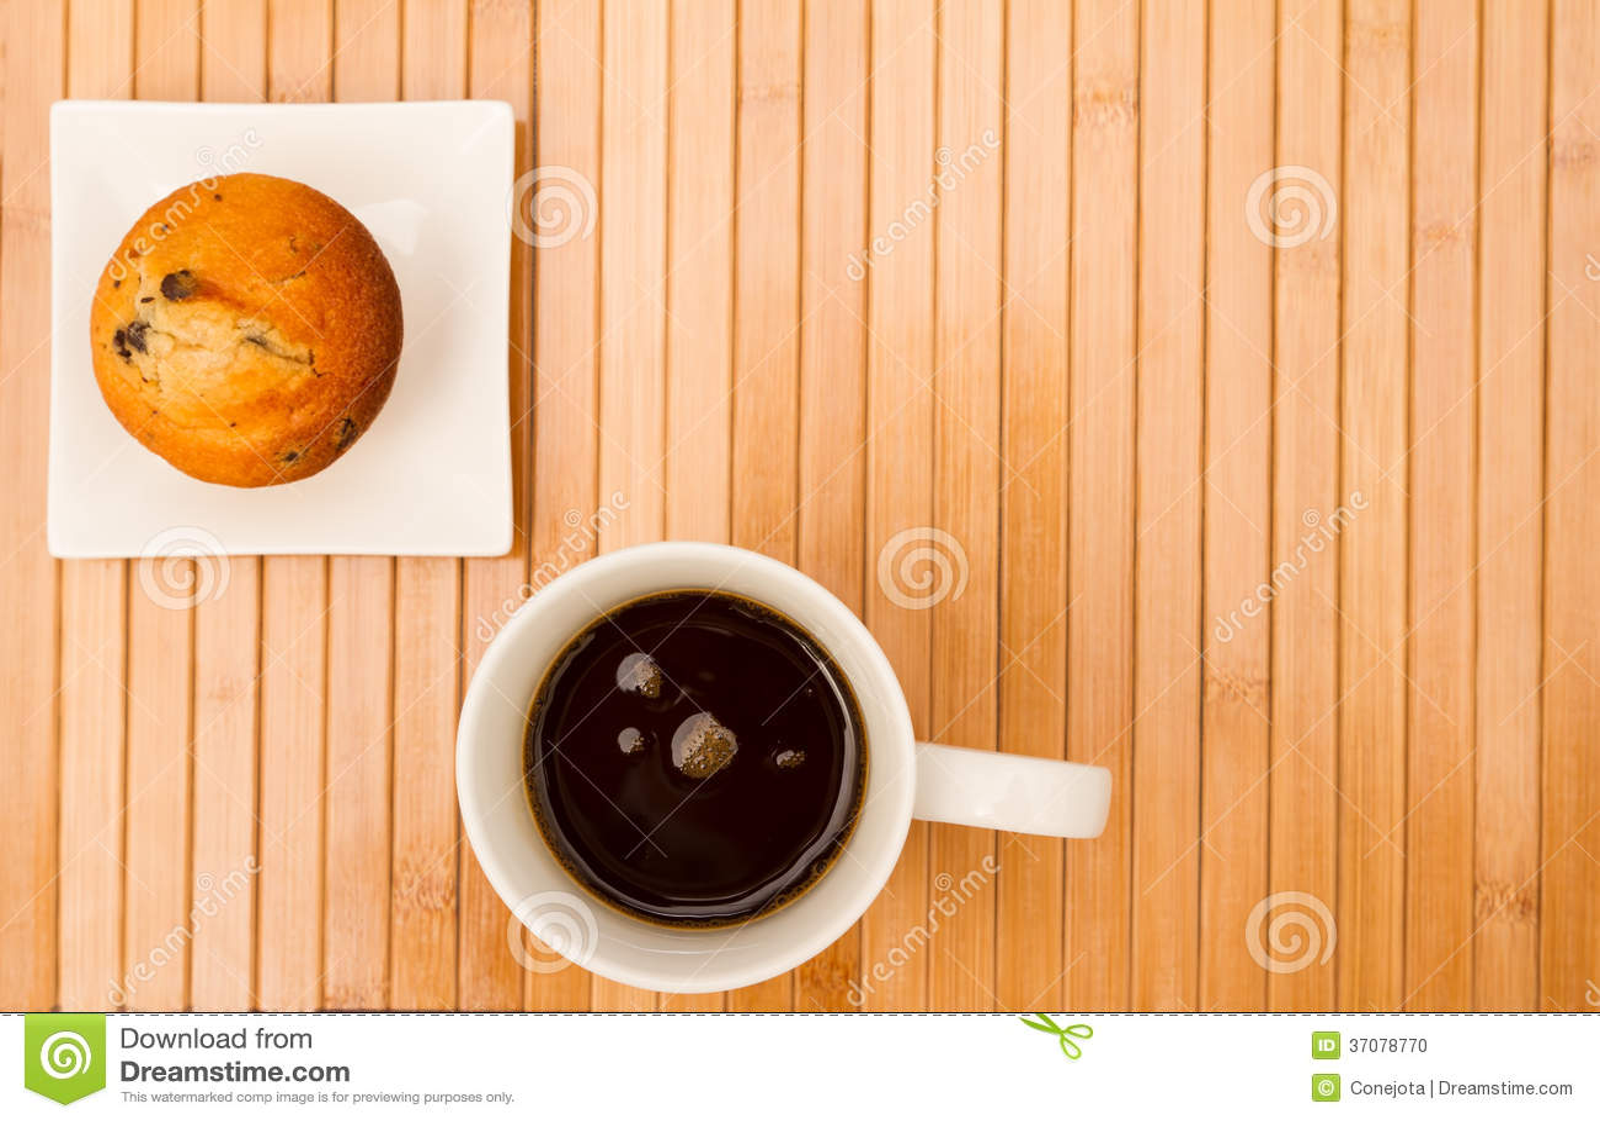 Download Wanilia Z Czekoladowych Układów Scalonych Muffins Z Filiżanką Kawy Zdjęcie Stock - Obraz złożonej z amerykanin, jedzenie: 37078770